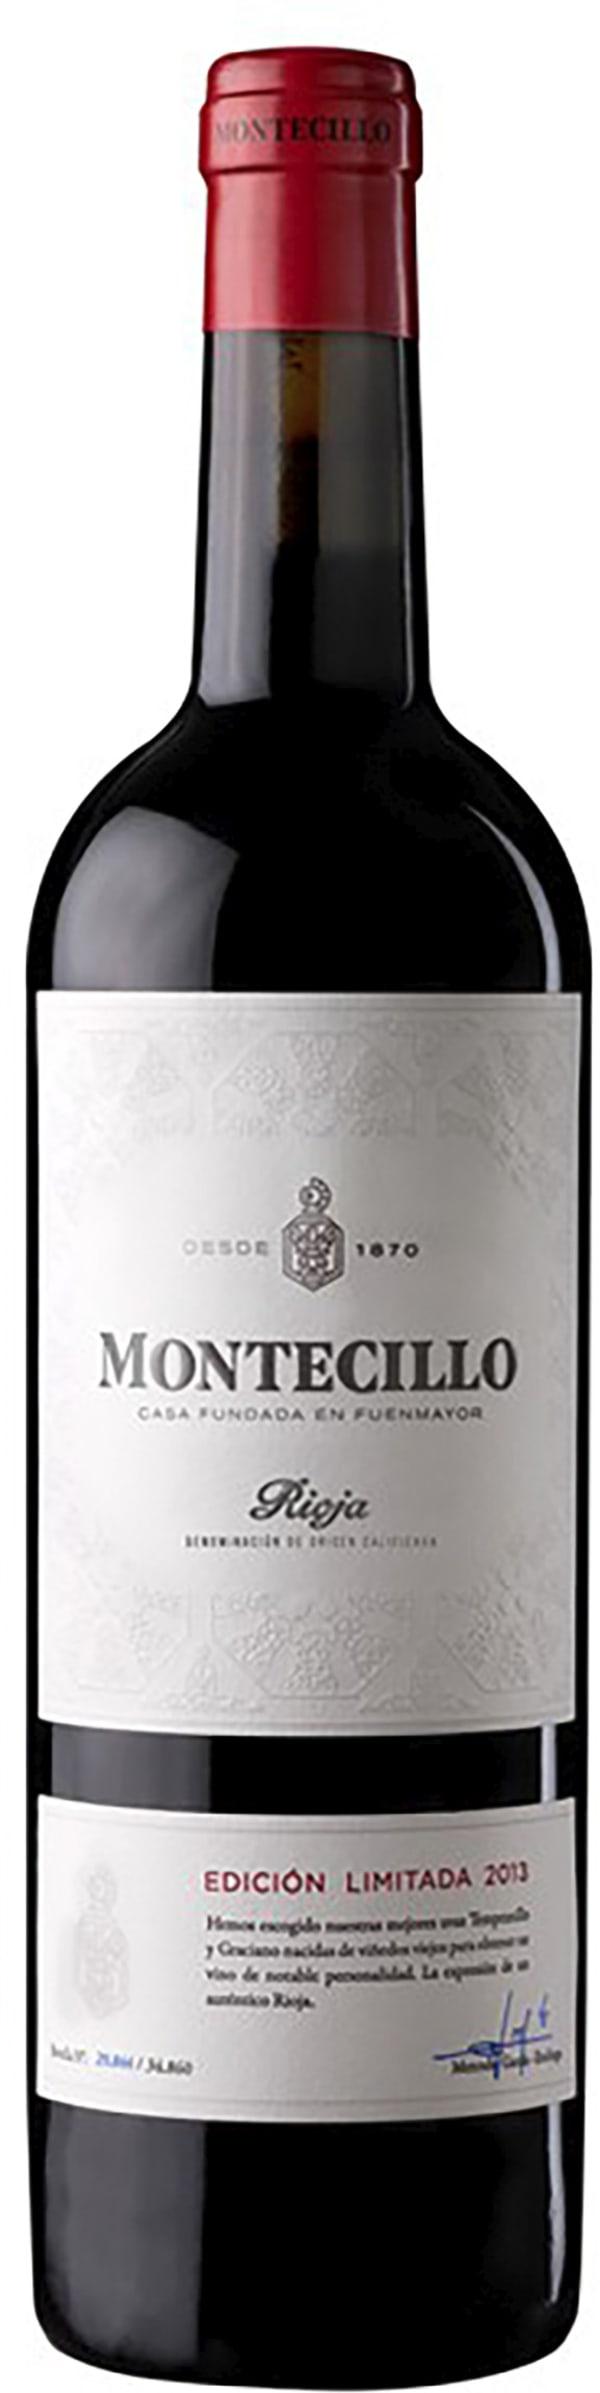 Montecillo Limited Edition 2013